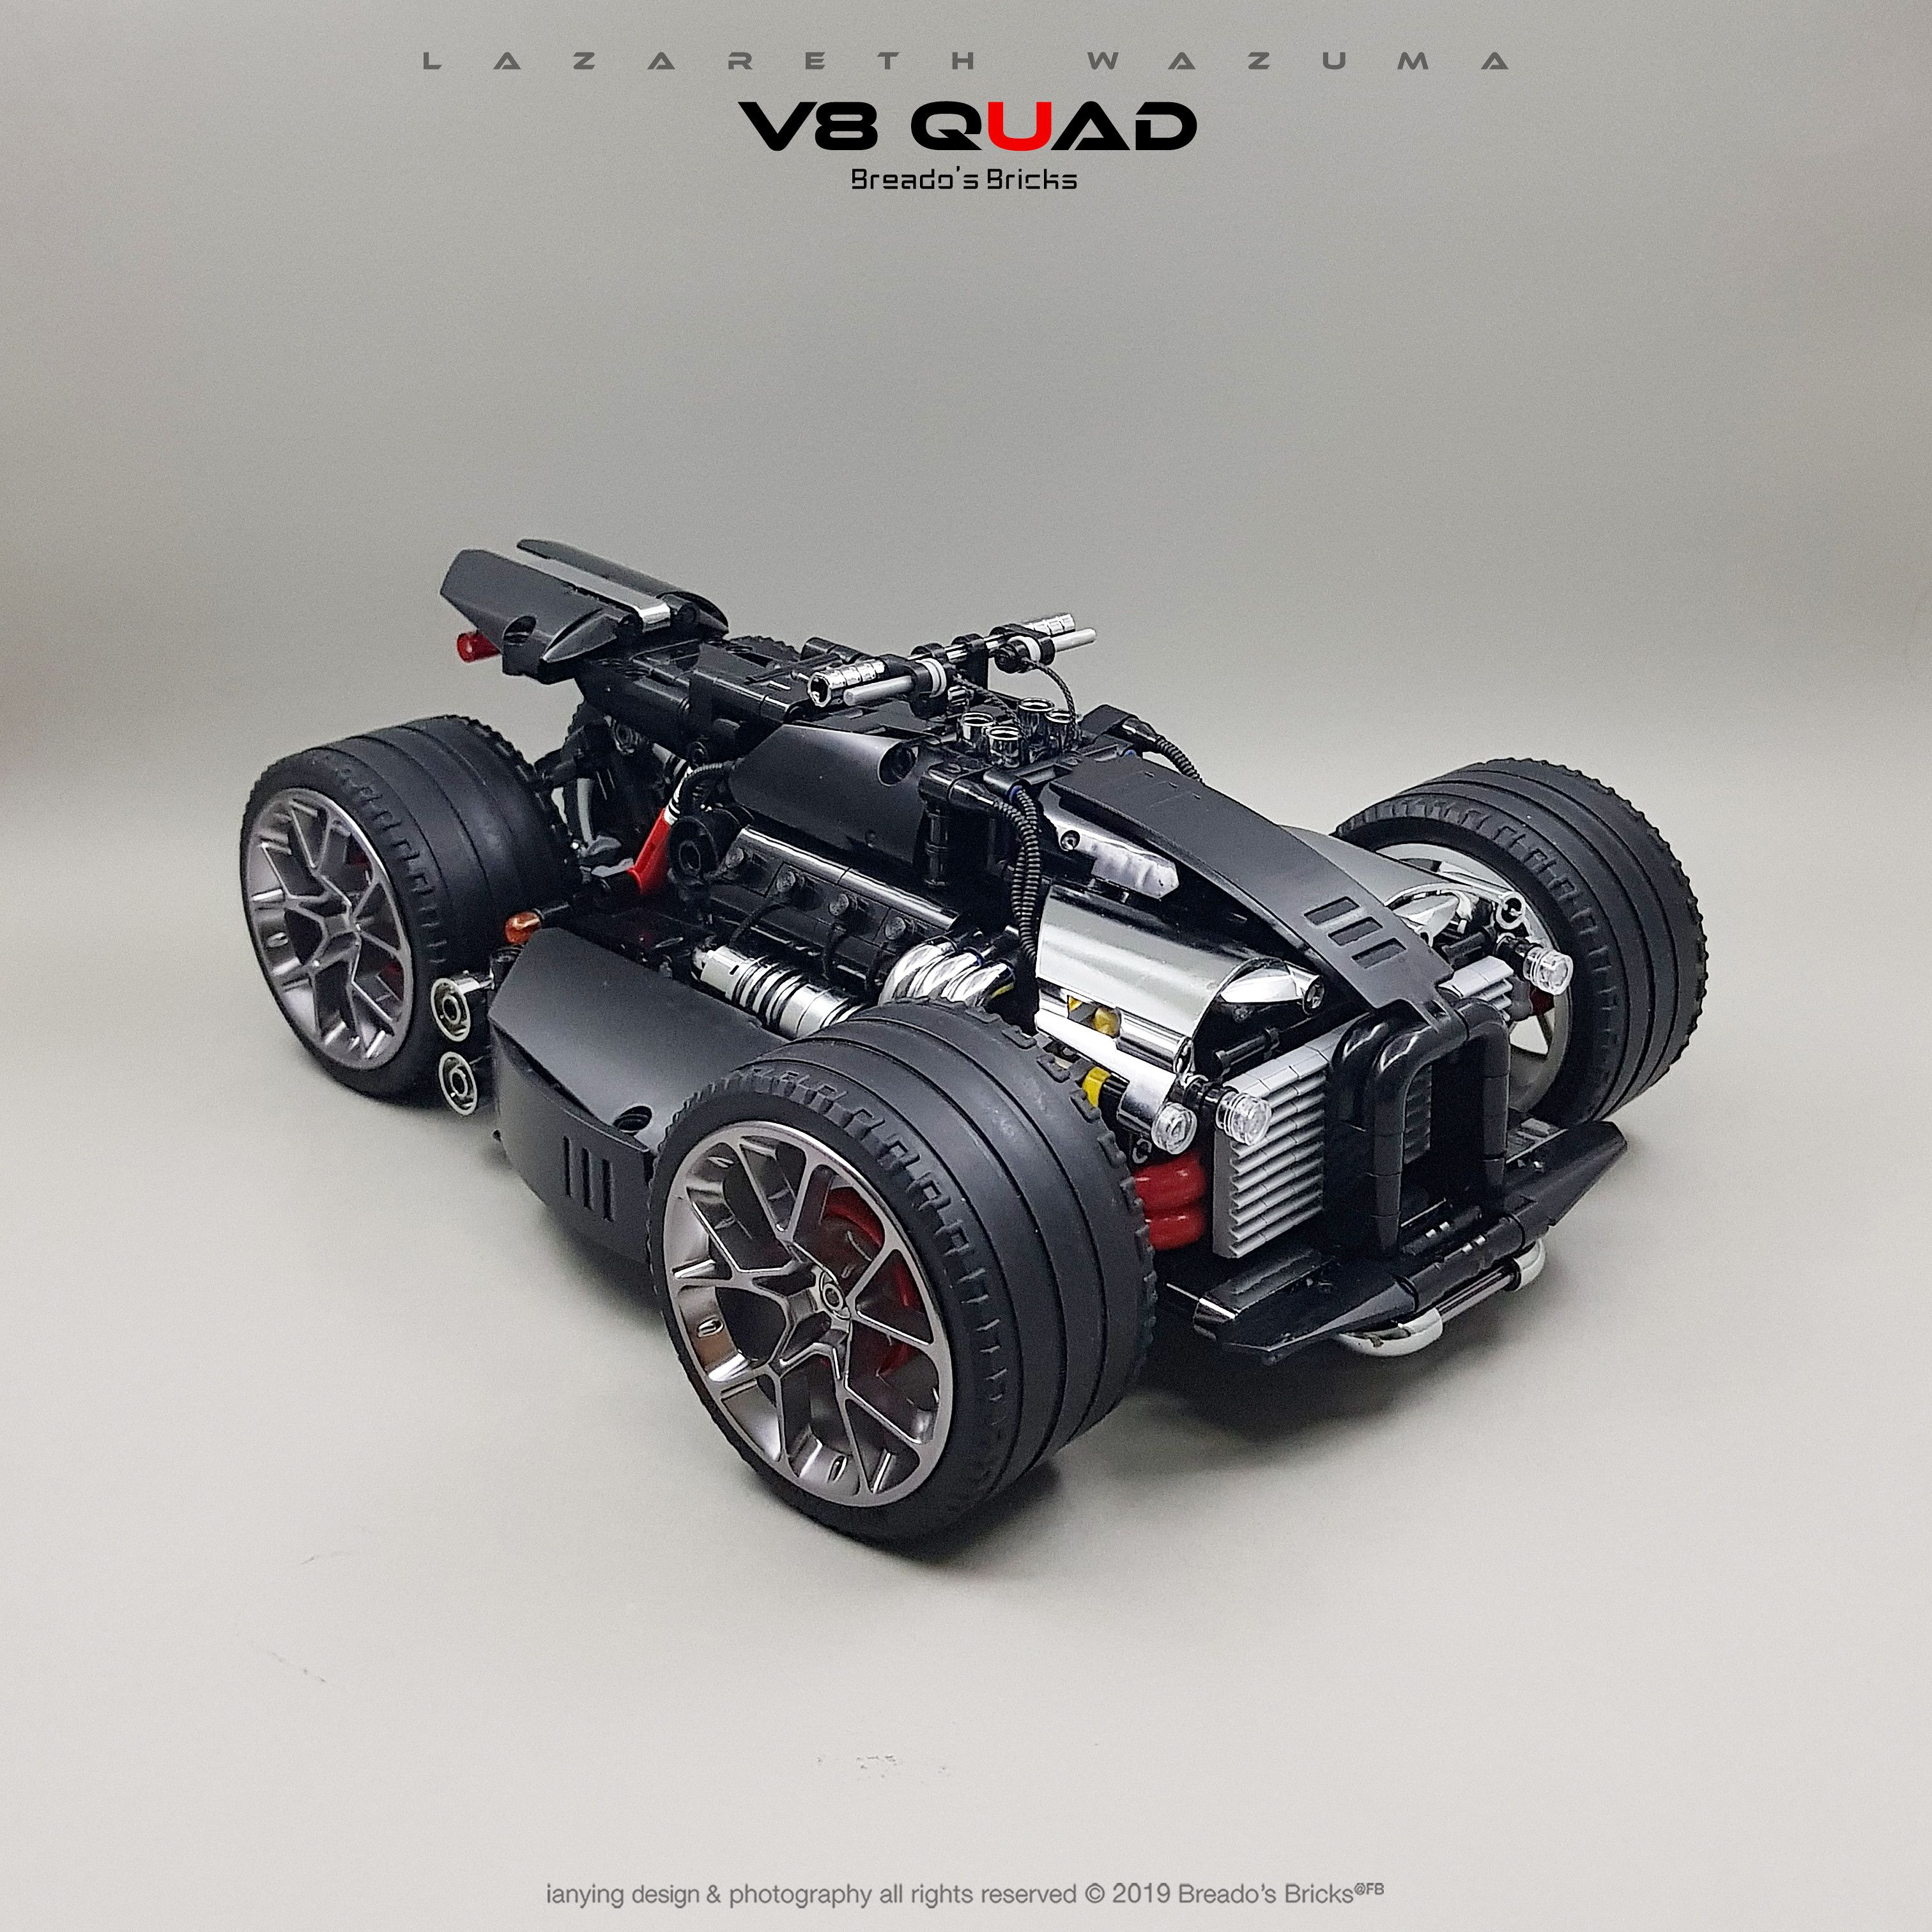 Lazareth Wazuma V8f Quad13 Lego Technic Transportation Design Lego